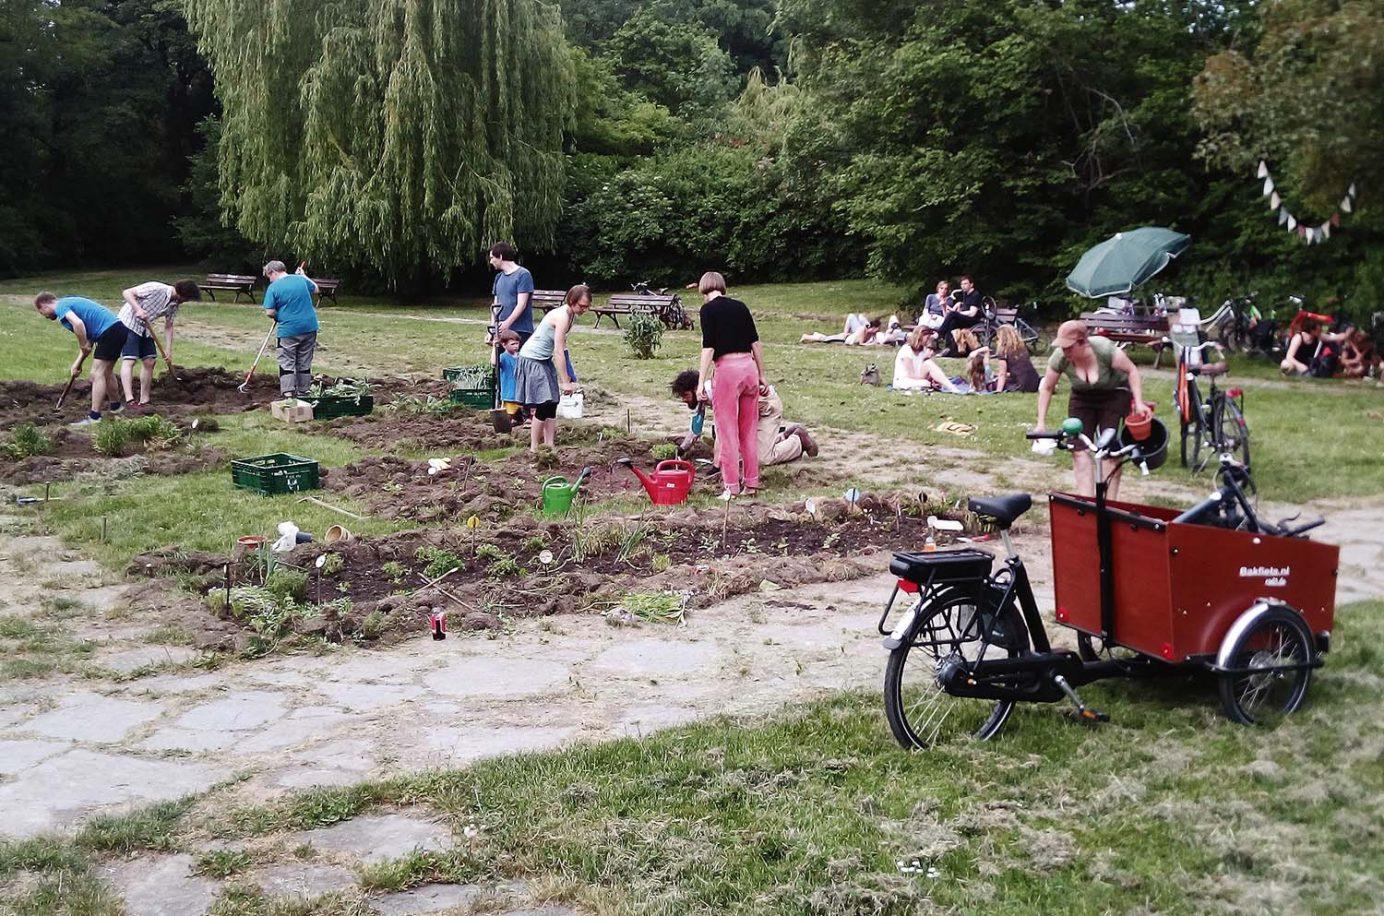 Männer, Frauen und Kinder gärtnern auf einer Parkfläche.